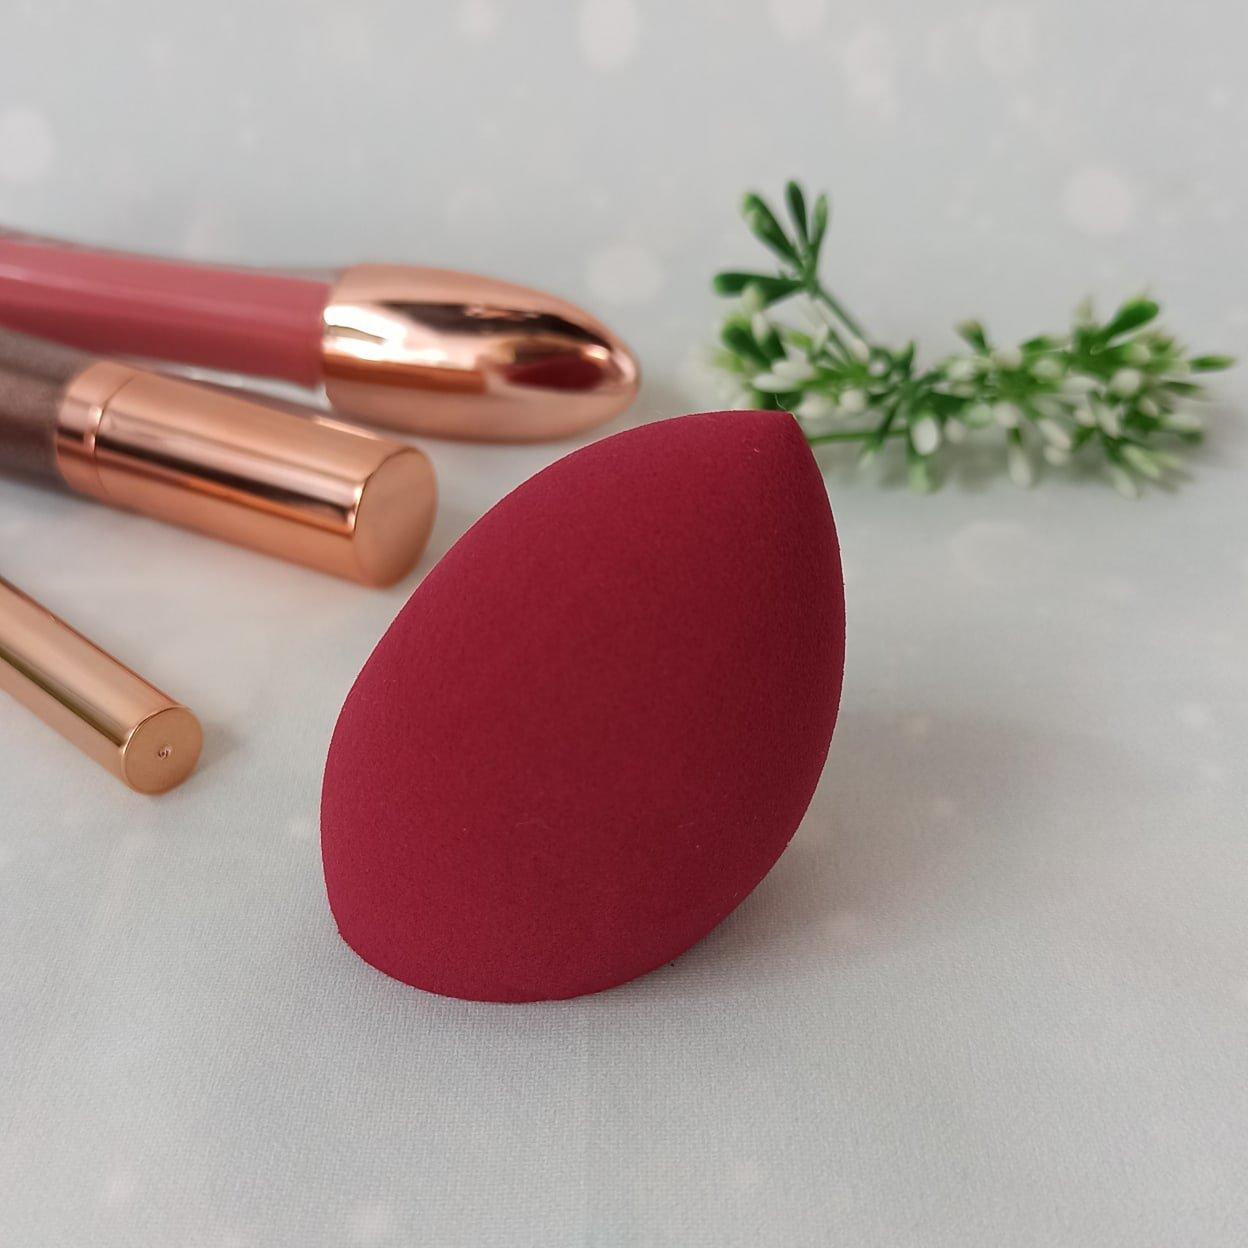 Обзор на скошенный спонж для макияжа - купить